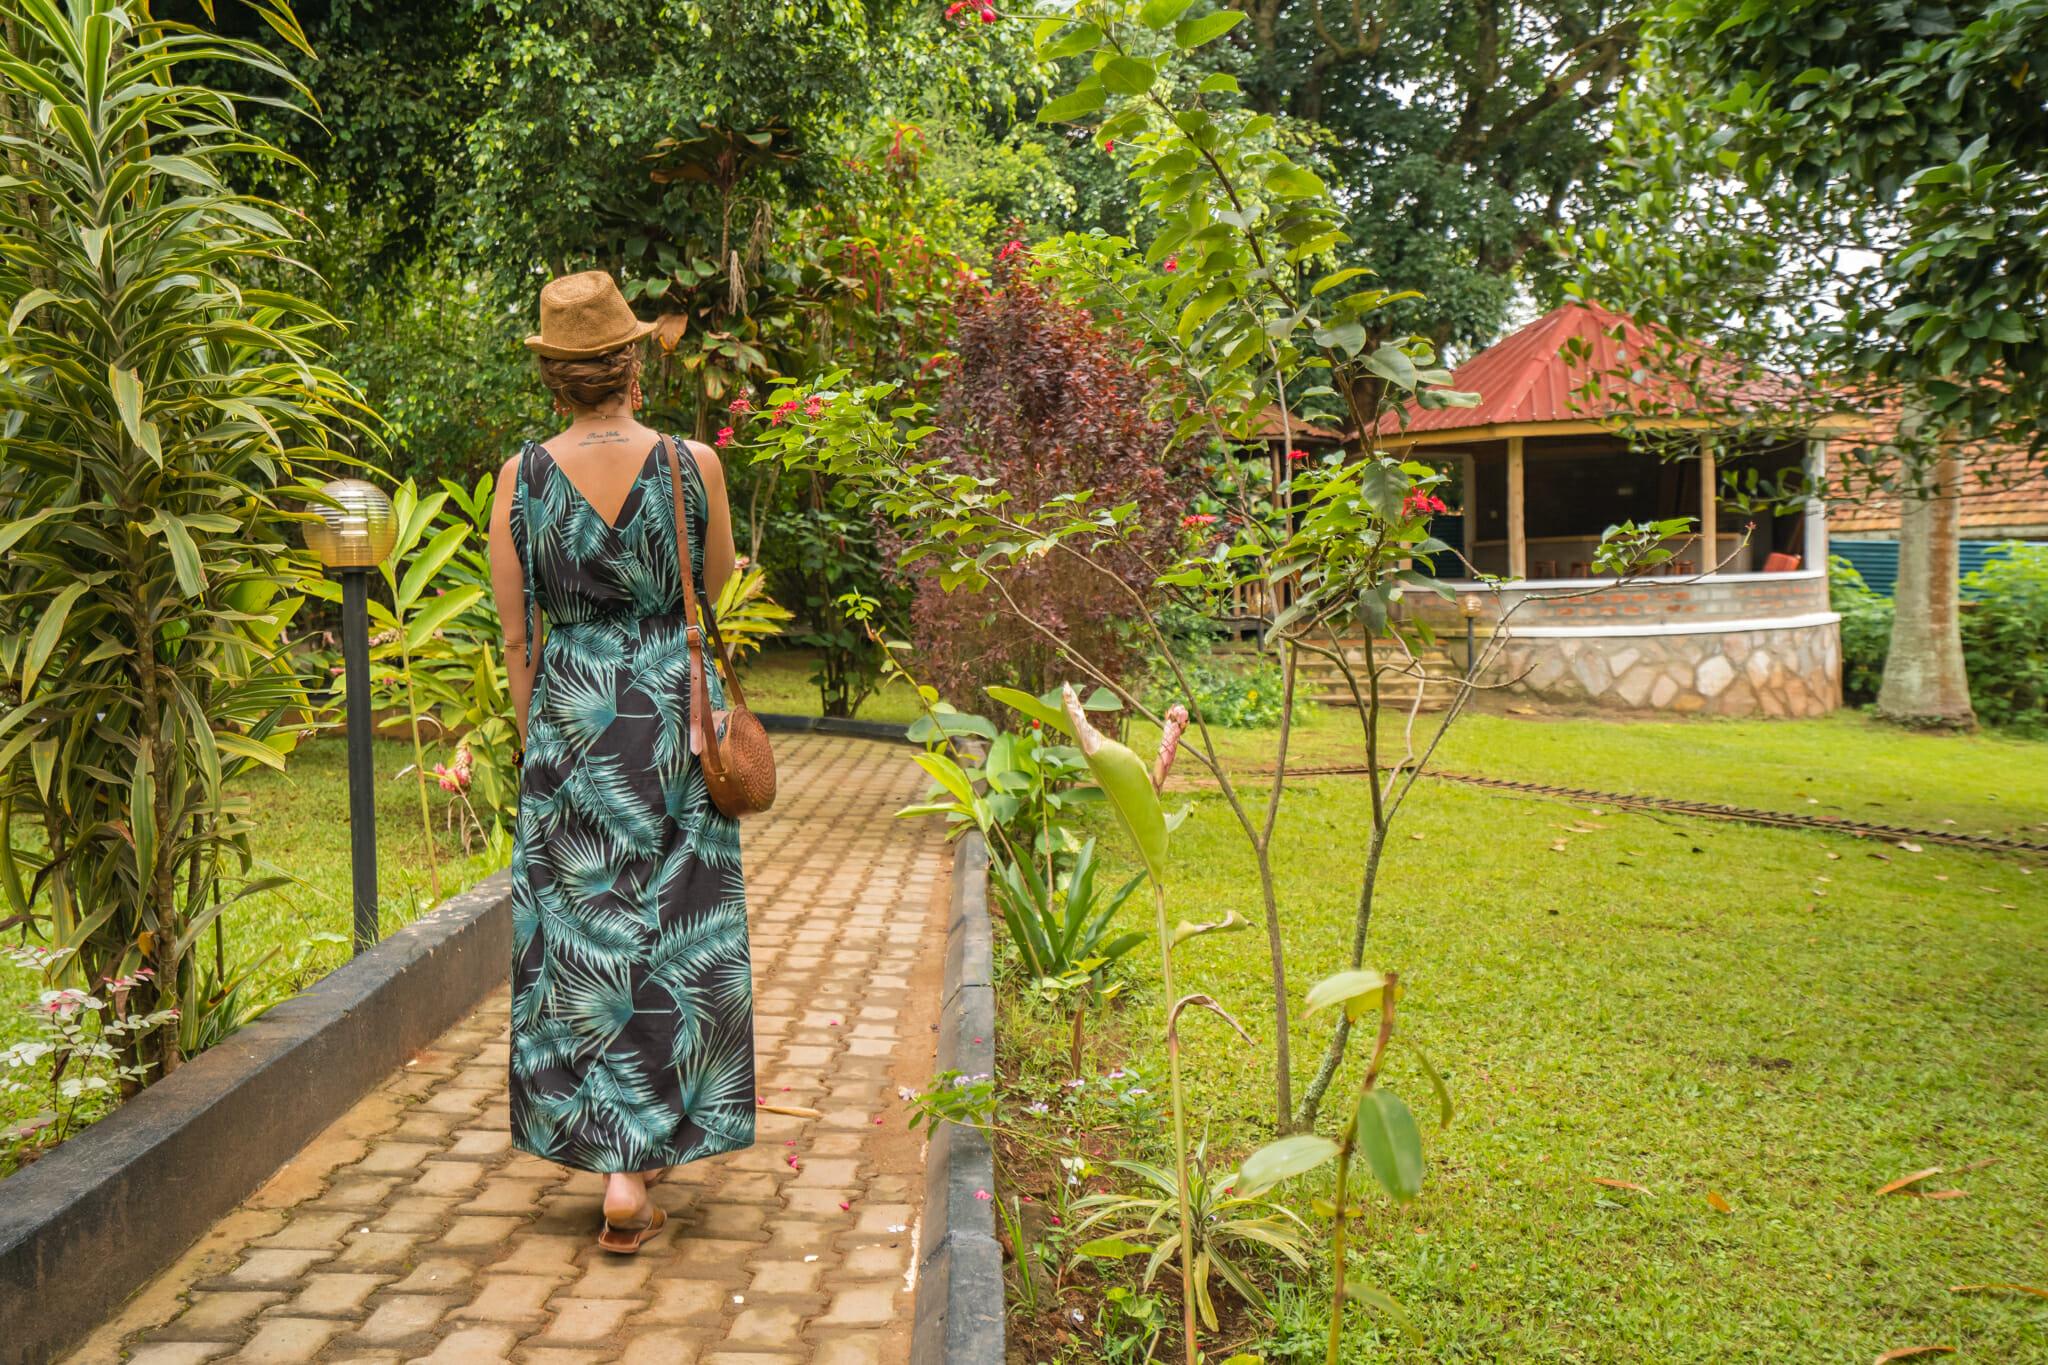 Balade dans le jardin du papyrus guest house à entebbe en ouganda